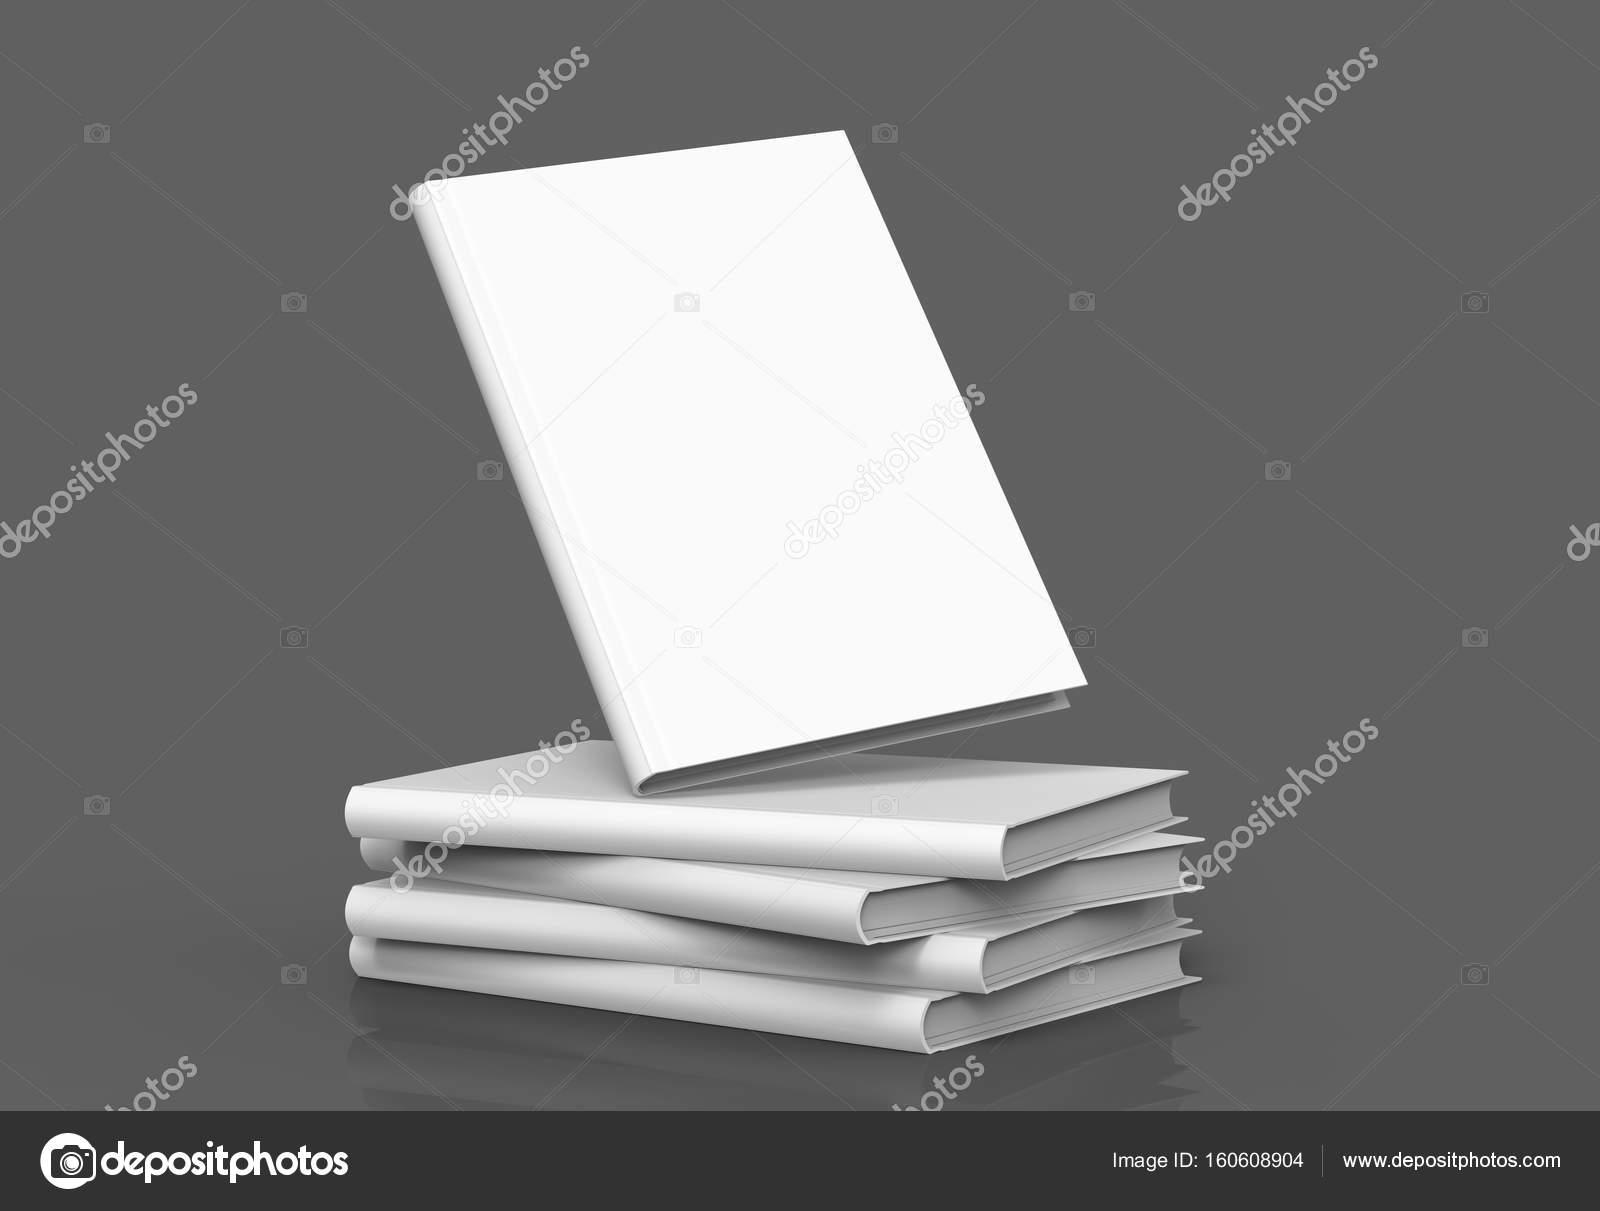 Hardcover-Bücher-Vorlage — Stockfoto © kchungtw #160608904